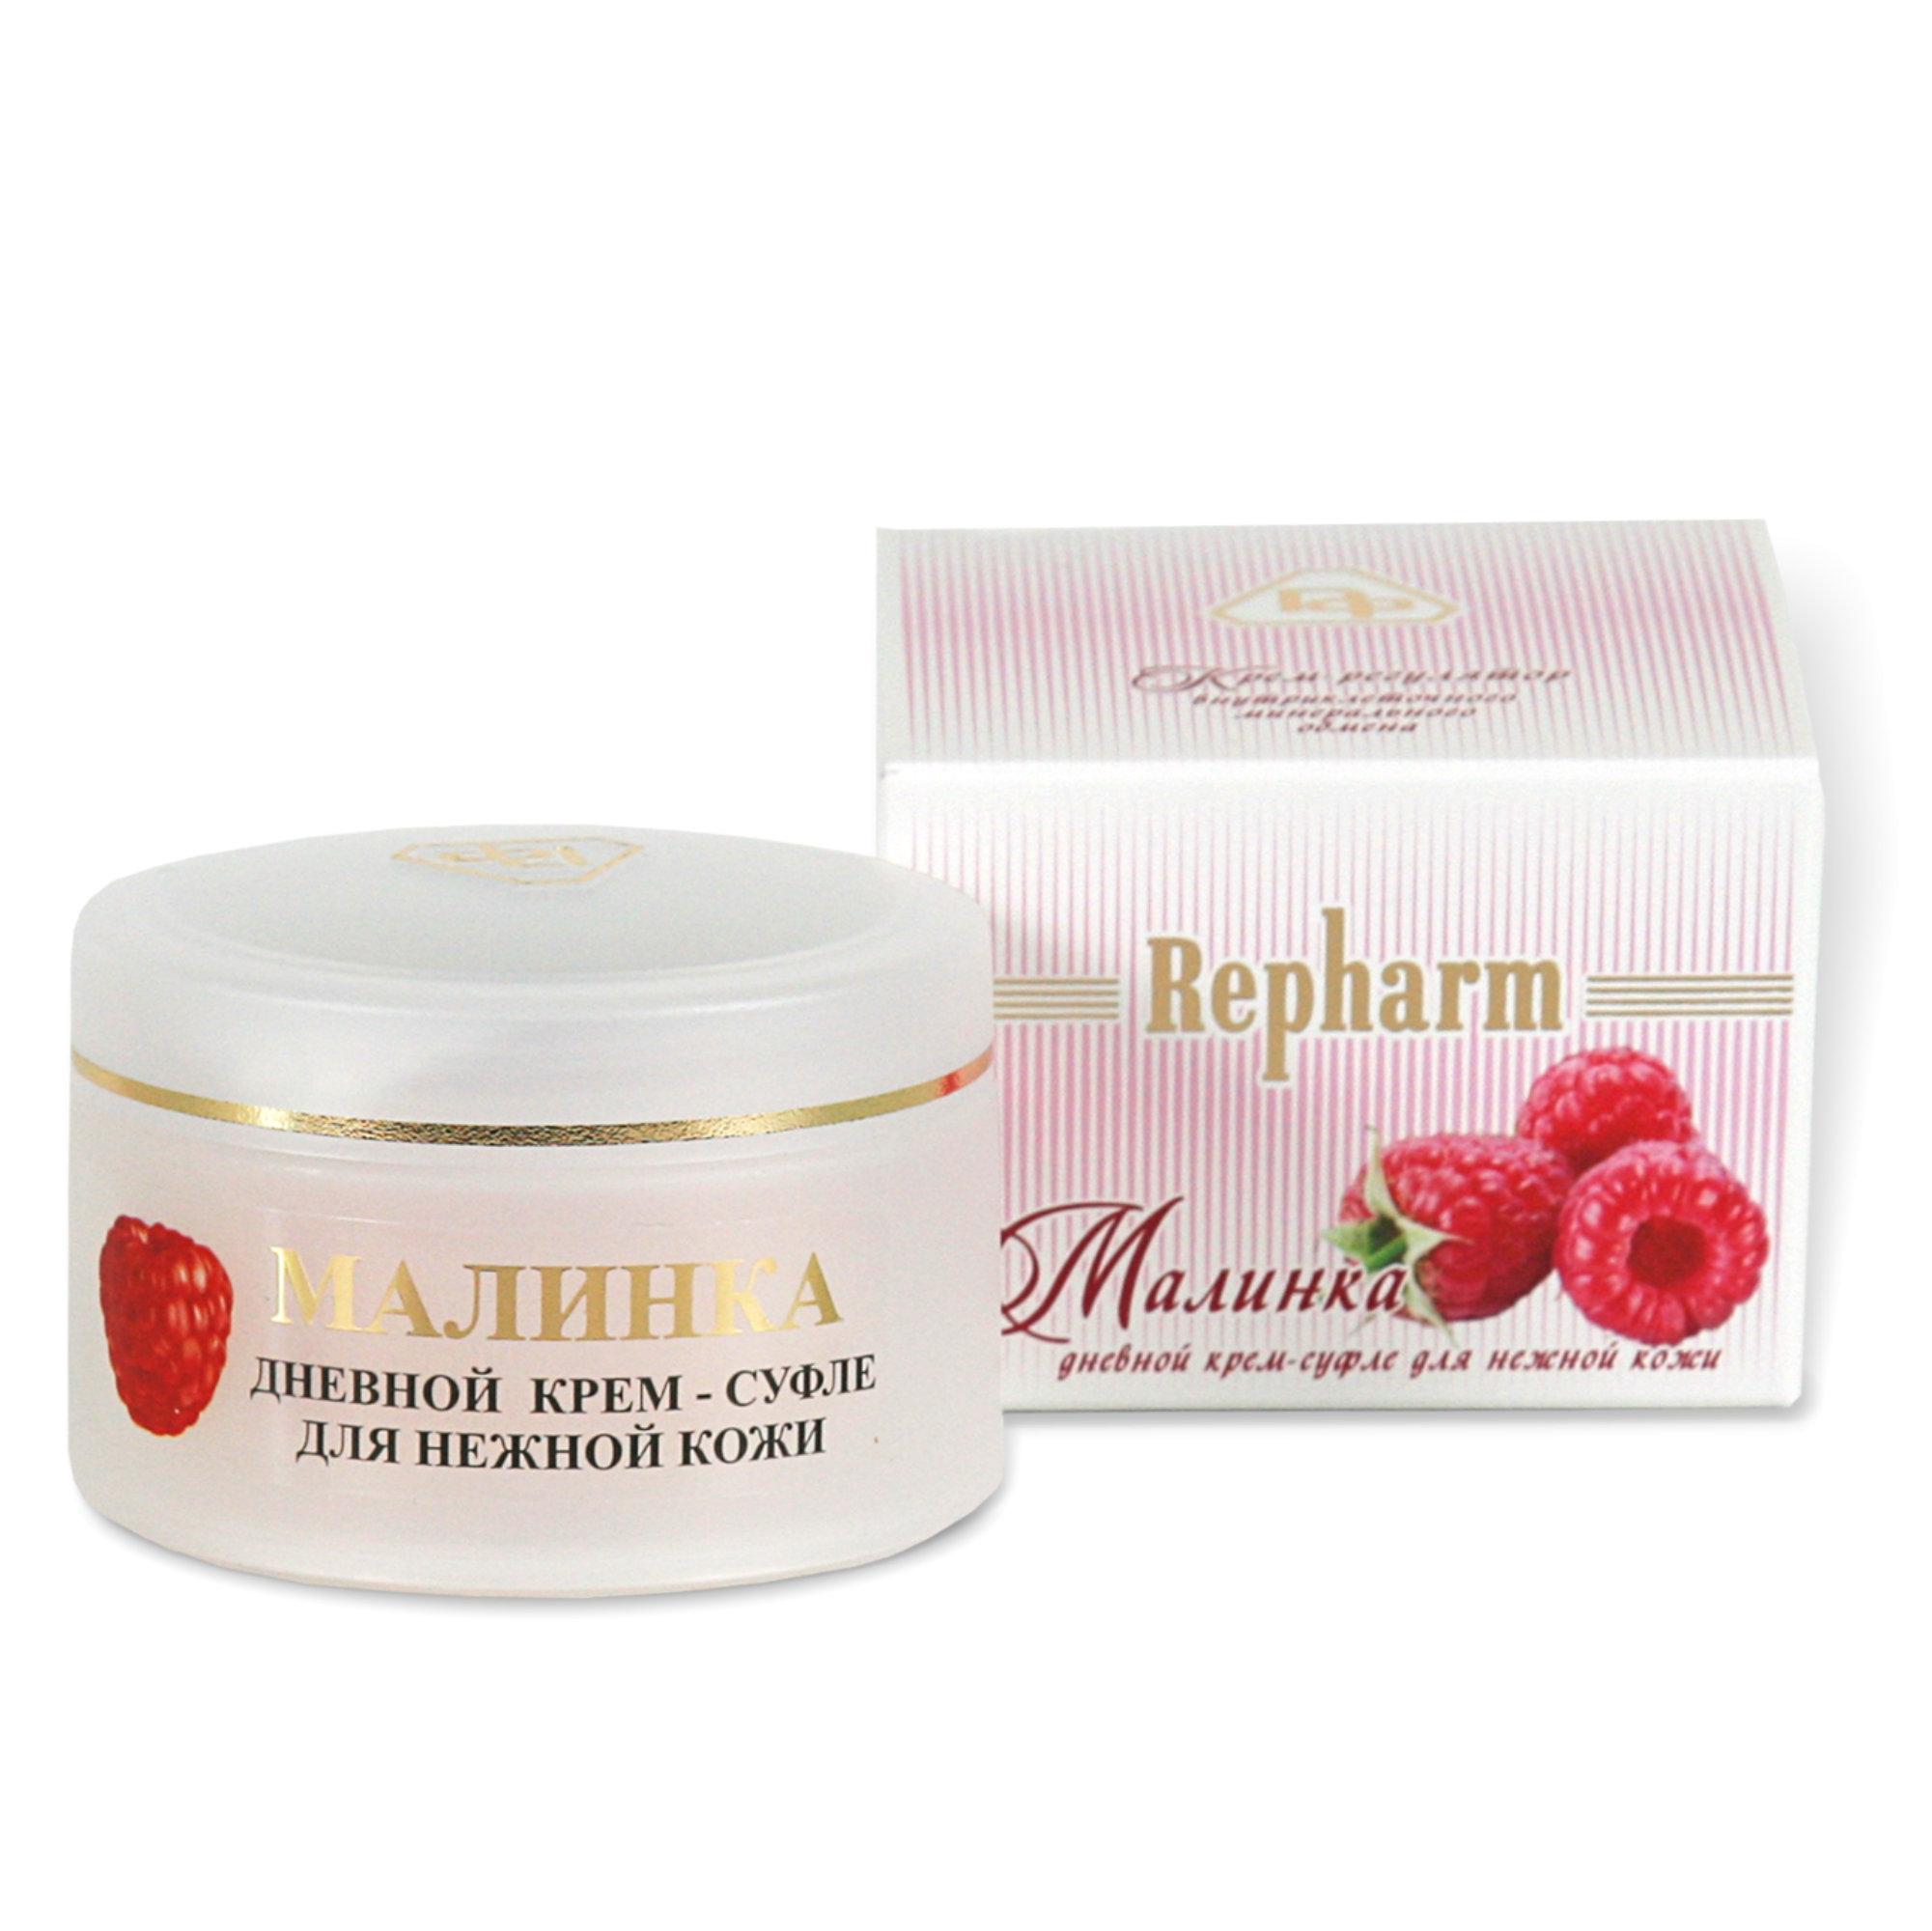 РЕФАРМ Дневной крем-суфле для нежной кожи  МАЛИНКА  / Repharm 50млКремы<br>Легкий крем-суфле со свежеприготов-ленным малиновым отваром   специальное средство ухода за нежной кожей, склонной к раздражениям и покраснениям. Малиновый отвар тонизирует, увлажняет, питает, очищает и стягивает поры. Содержит целую палитру естественных биокомпонентов - глюкозу, фруктозу, пентозу, фруктовые кислоты: лимонную, яблочную, салициловую, микроэлементы, витамины В, РР, фолиевую и аскорбиновую кислоты, пектиновые и вяжущие вещества.<br><br>Объем: 50 мл<br>Вид средства для лица: Легкий<br>Время применения: Дневной